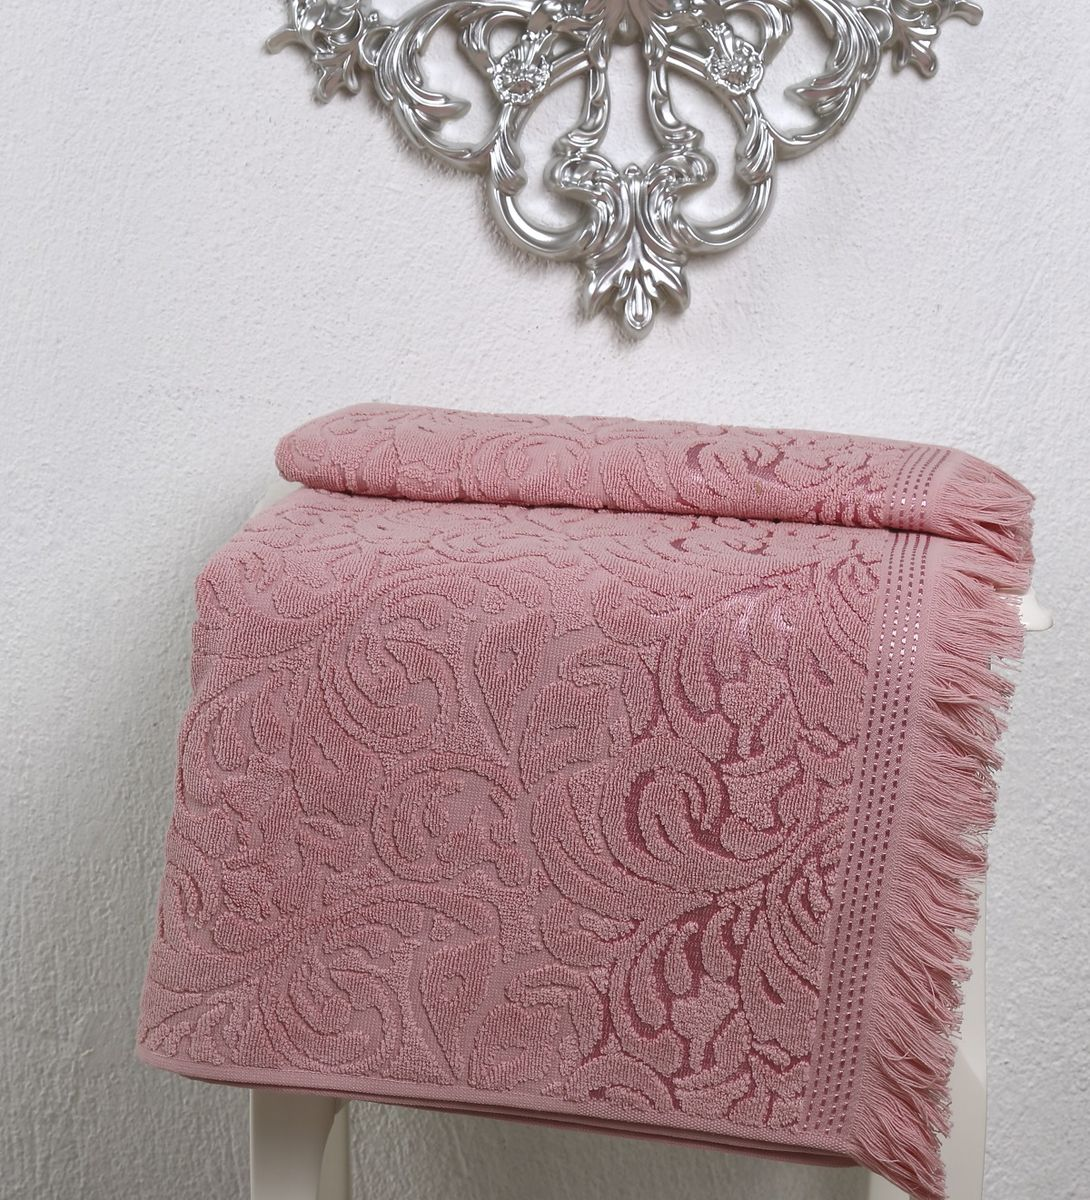 Полотенце Karna Esra, цвет: розовый, 50 х 90 см2194/CHAR006Махровое полотенце Karna Esra выполнено из 100% хлопка. Оно прекрасно впитывает влагу и быстро сохнет. Повсему полотенцу имеется привлекательный узор. По канту полотенца имеется нежная бахрома. Махровое полотенце из натурального хлопка, обладает гигиеническими качествами, очень мягкое, с объемнымравномерным ворсом, приятное на ощупь и к телу. Размер: 50 х 90 см.